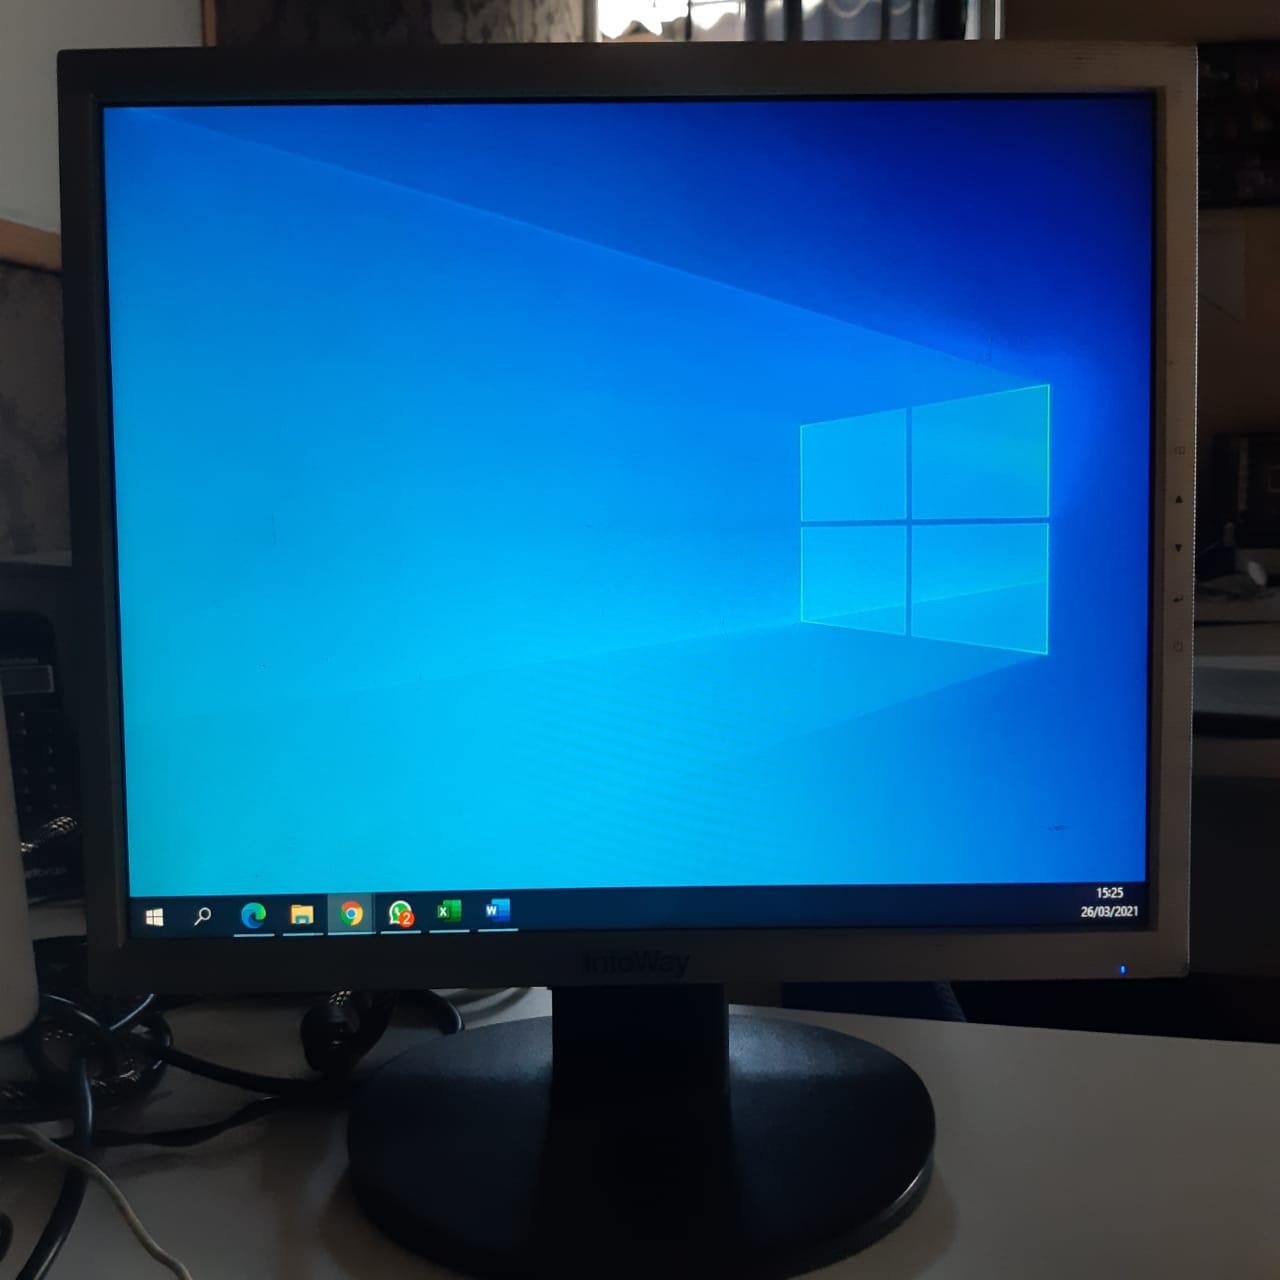 Monitor 17 polegadas Infoway - com riscos - sem cabos